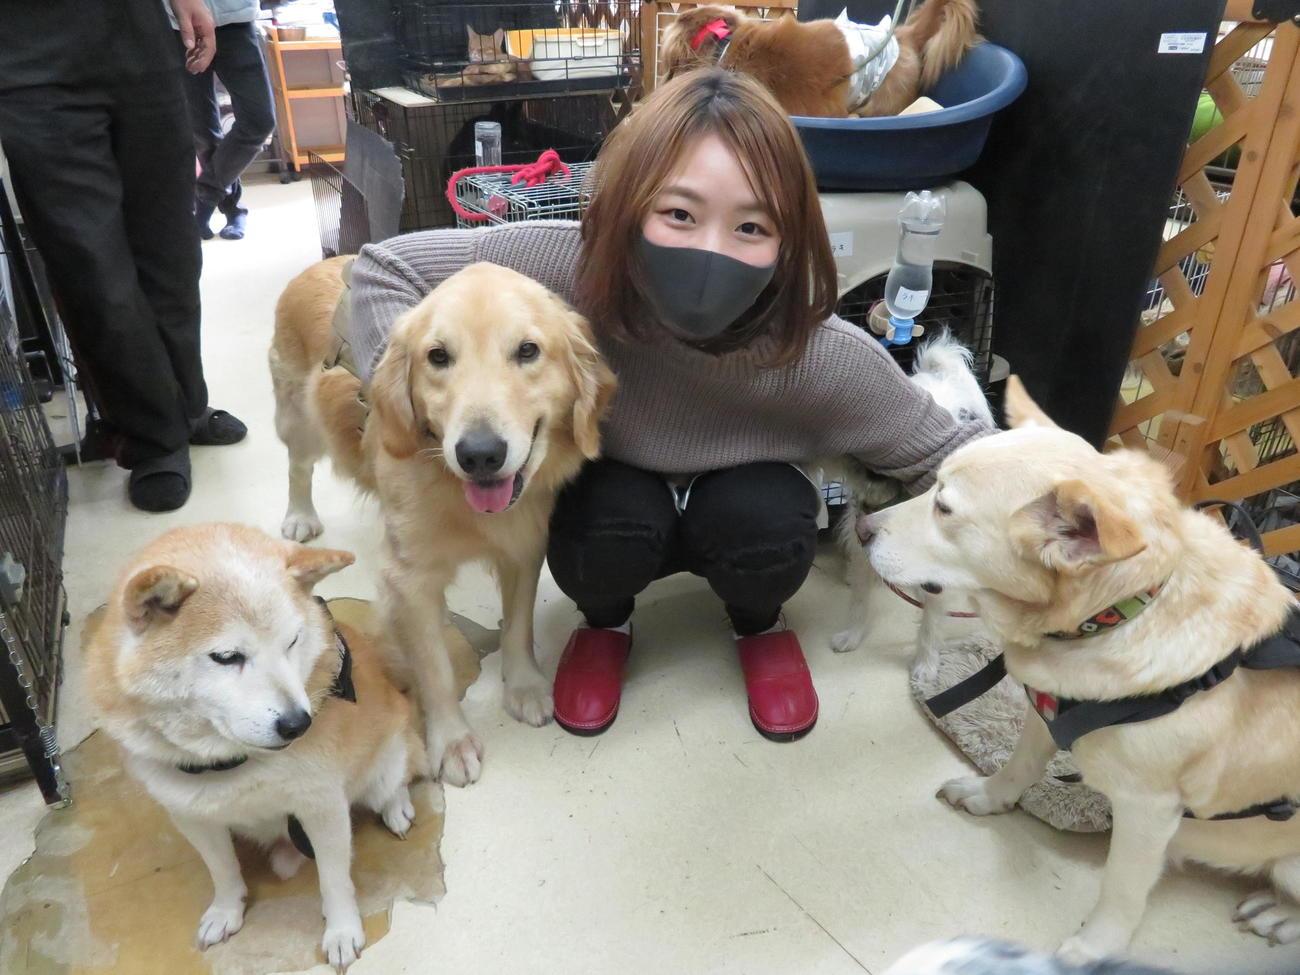 初代タイガーマスク後援会のイベントに参加し、犬と戯れ、笑顔を見せるSareee(撮影:松熊洋介)